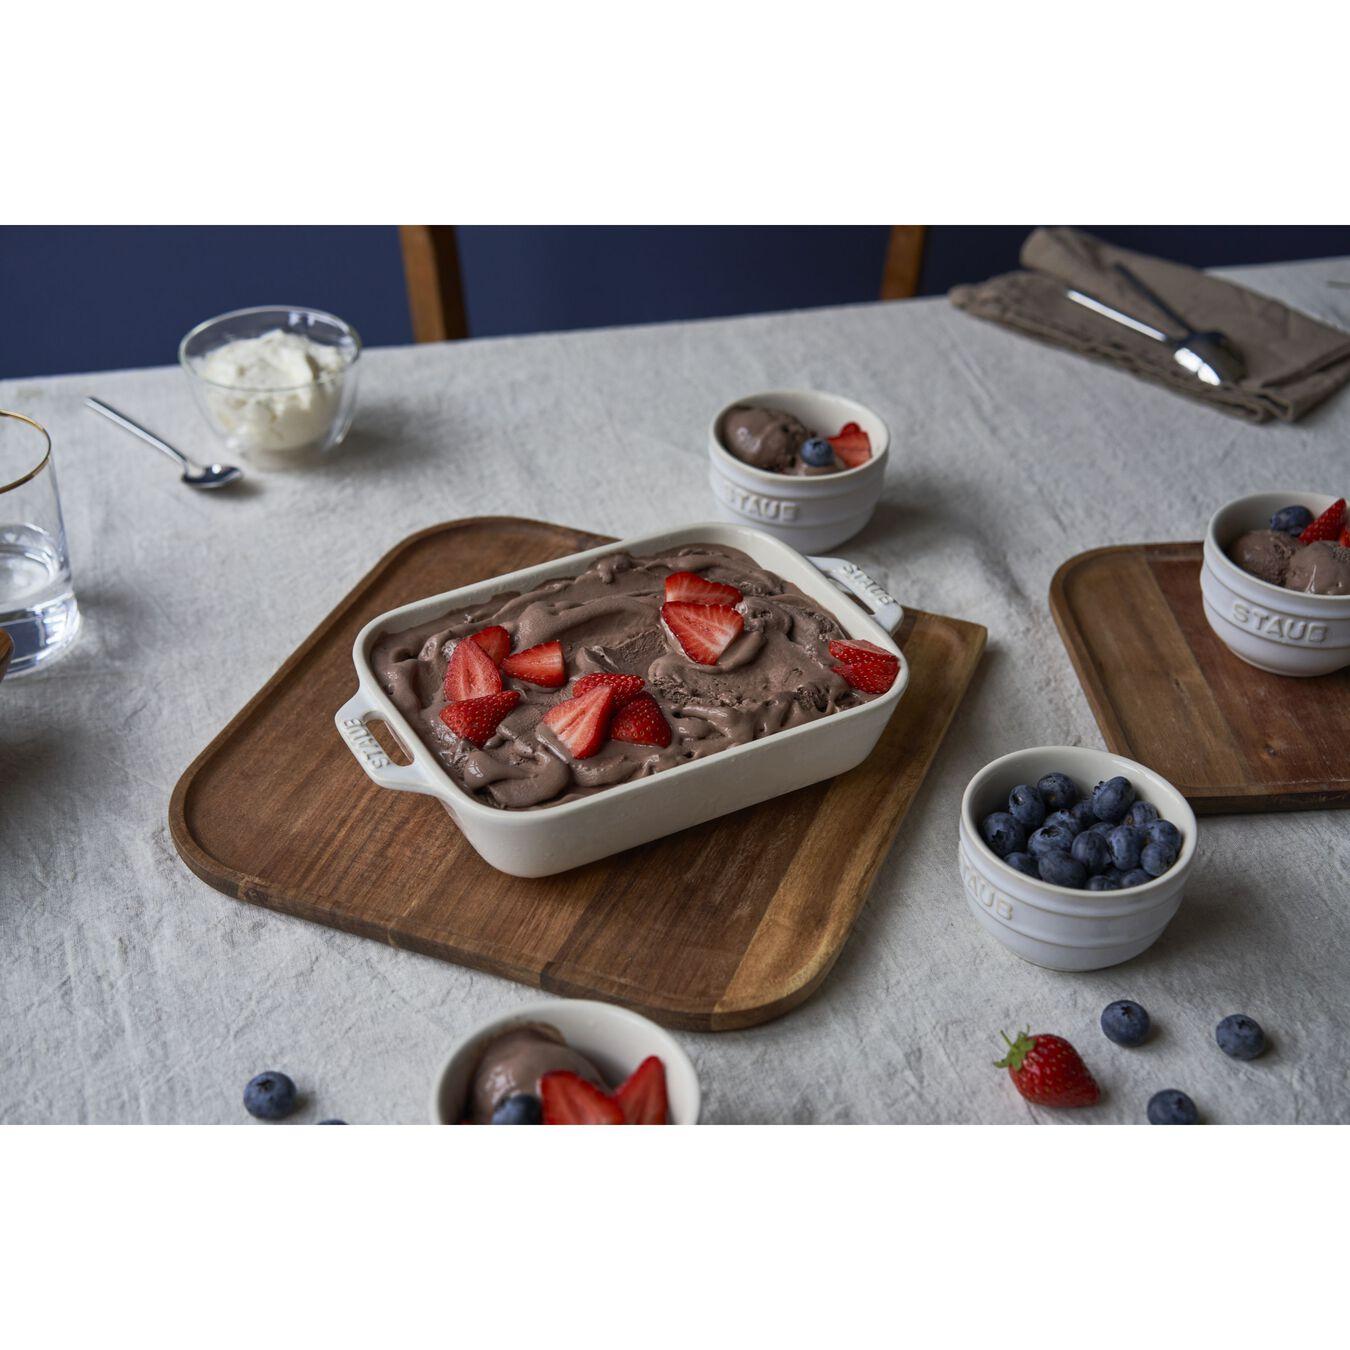 2-pc, Rectangular Baking Dish Set, ivory-white,,large 5